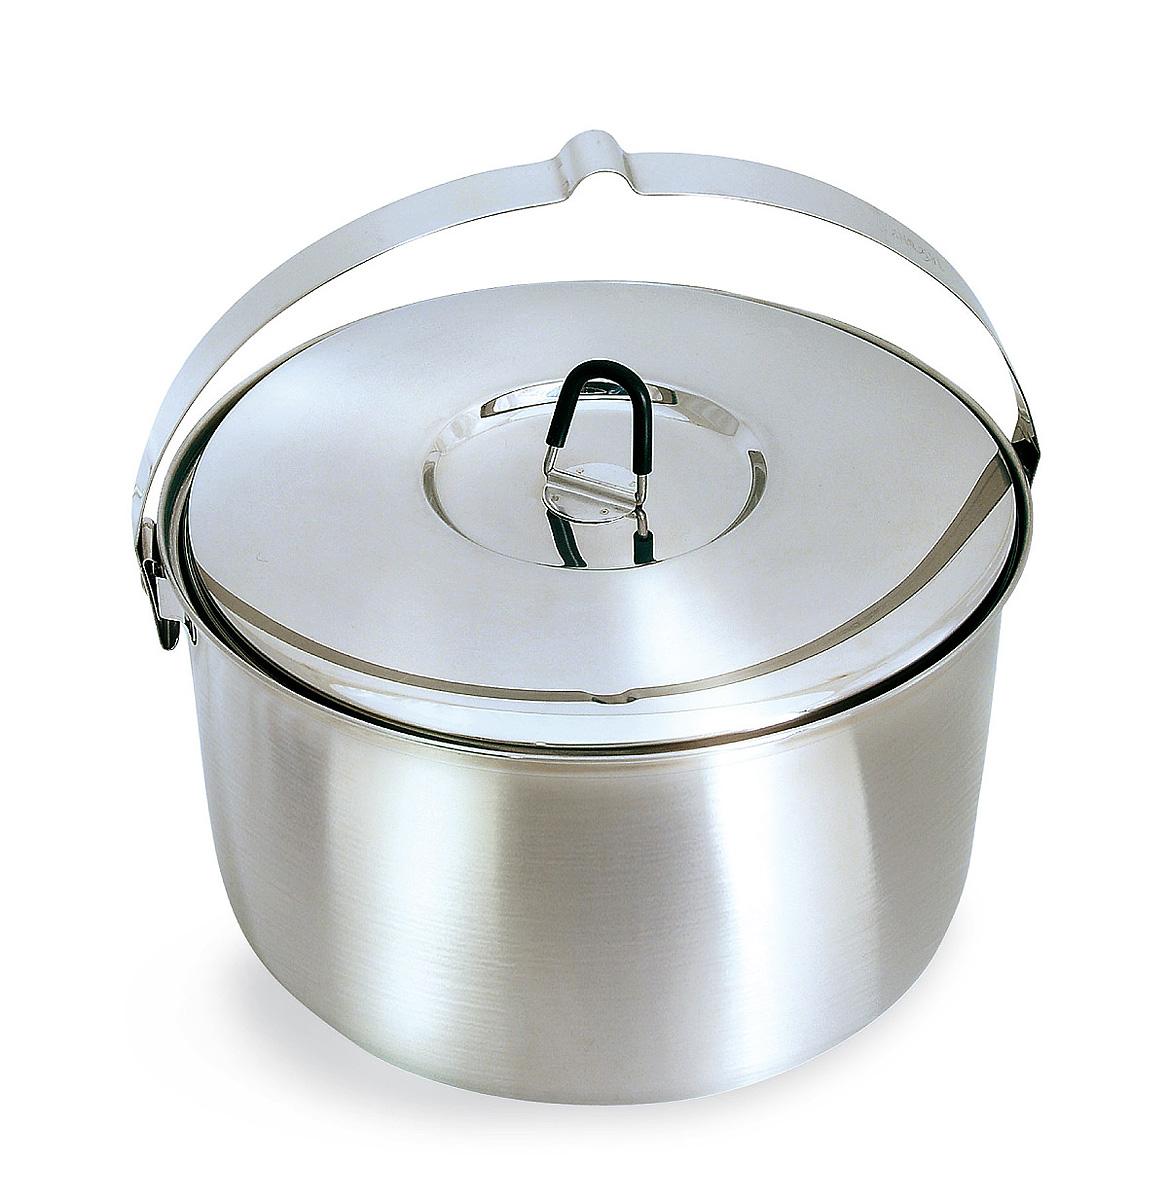 Котелок походный Tatonka Family Pot, 6 лa026124Вместительный котелок Tatonka Family Pot отлично подойдет для большой компании. Выполнен из высококачественной нержавеющей стали 18/8, которая легко чистится, не имеет привкуса, устойчива к коррозии, долговечна. Крышка котелка имеет не нагревающуюся ручку.Преимущества и особенности:Выполнен из нержавеющей сталиМерная шкала внутри котелкаПрорезиненная ручка крышки.Диаметр котелка: 26 см.Высота котелка: 15 см.